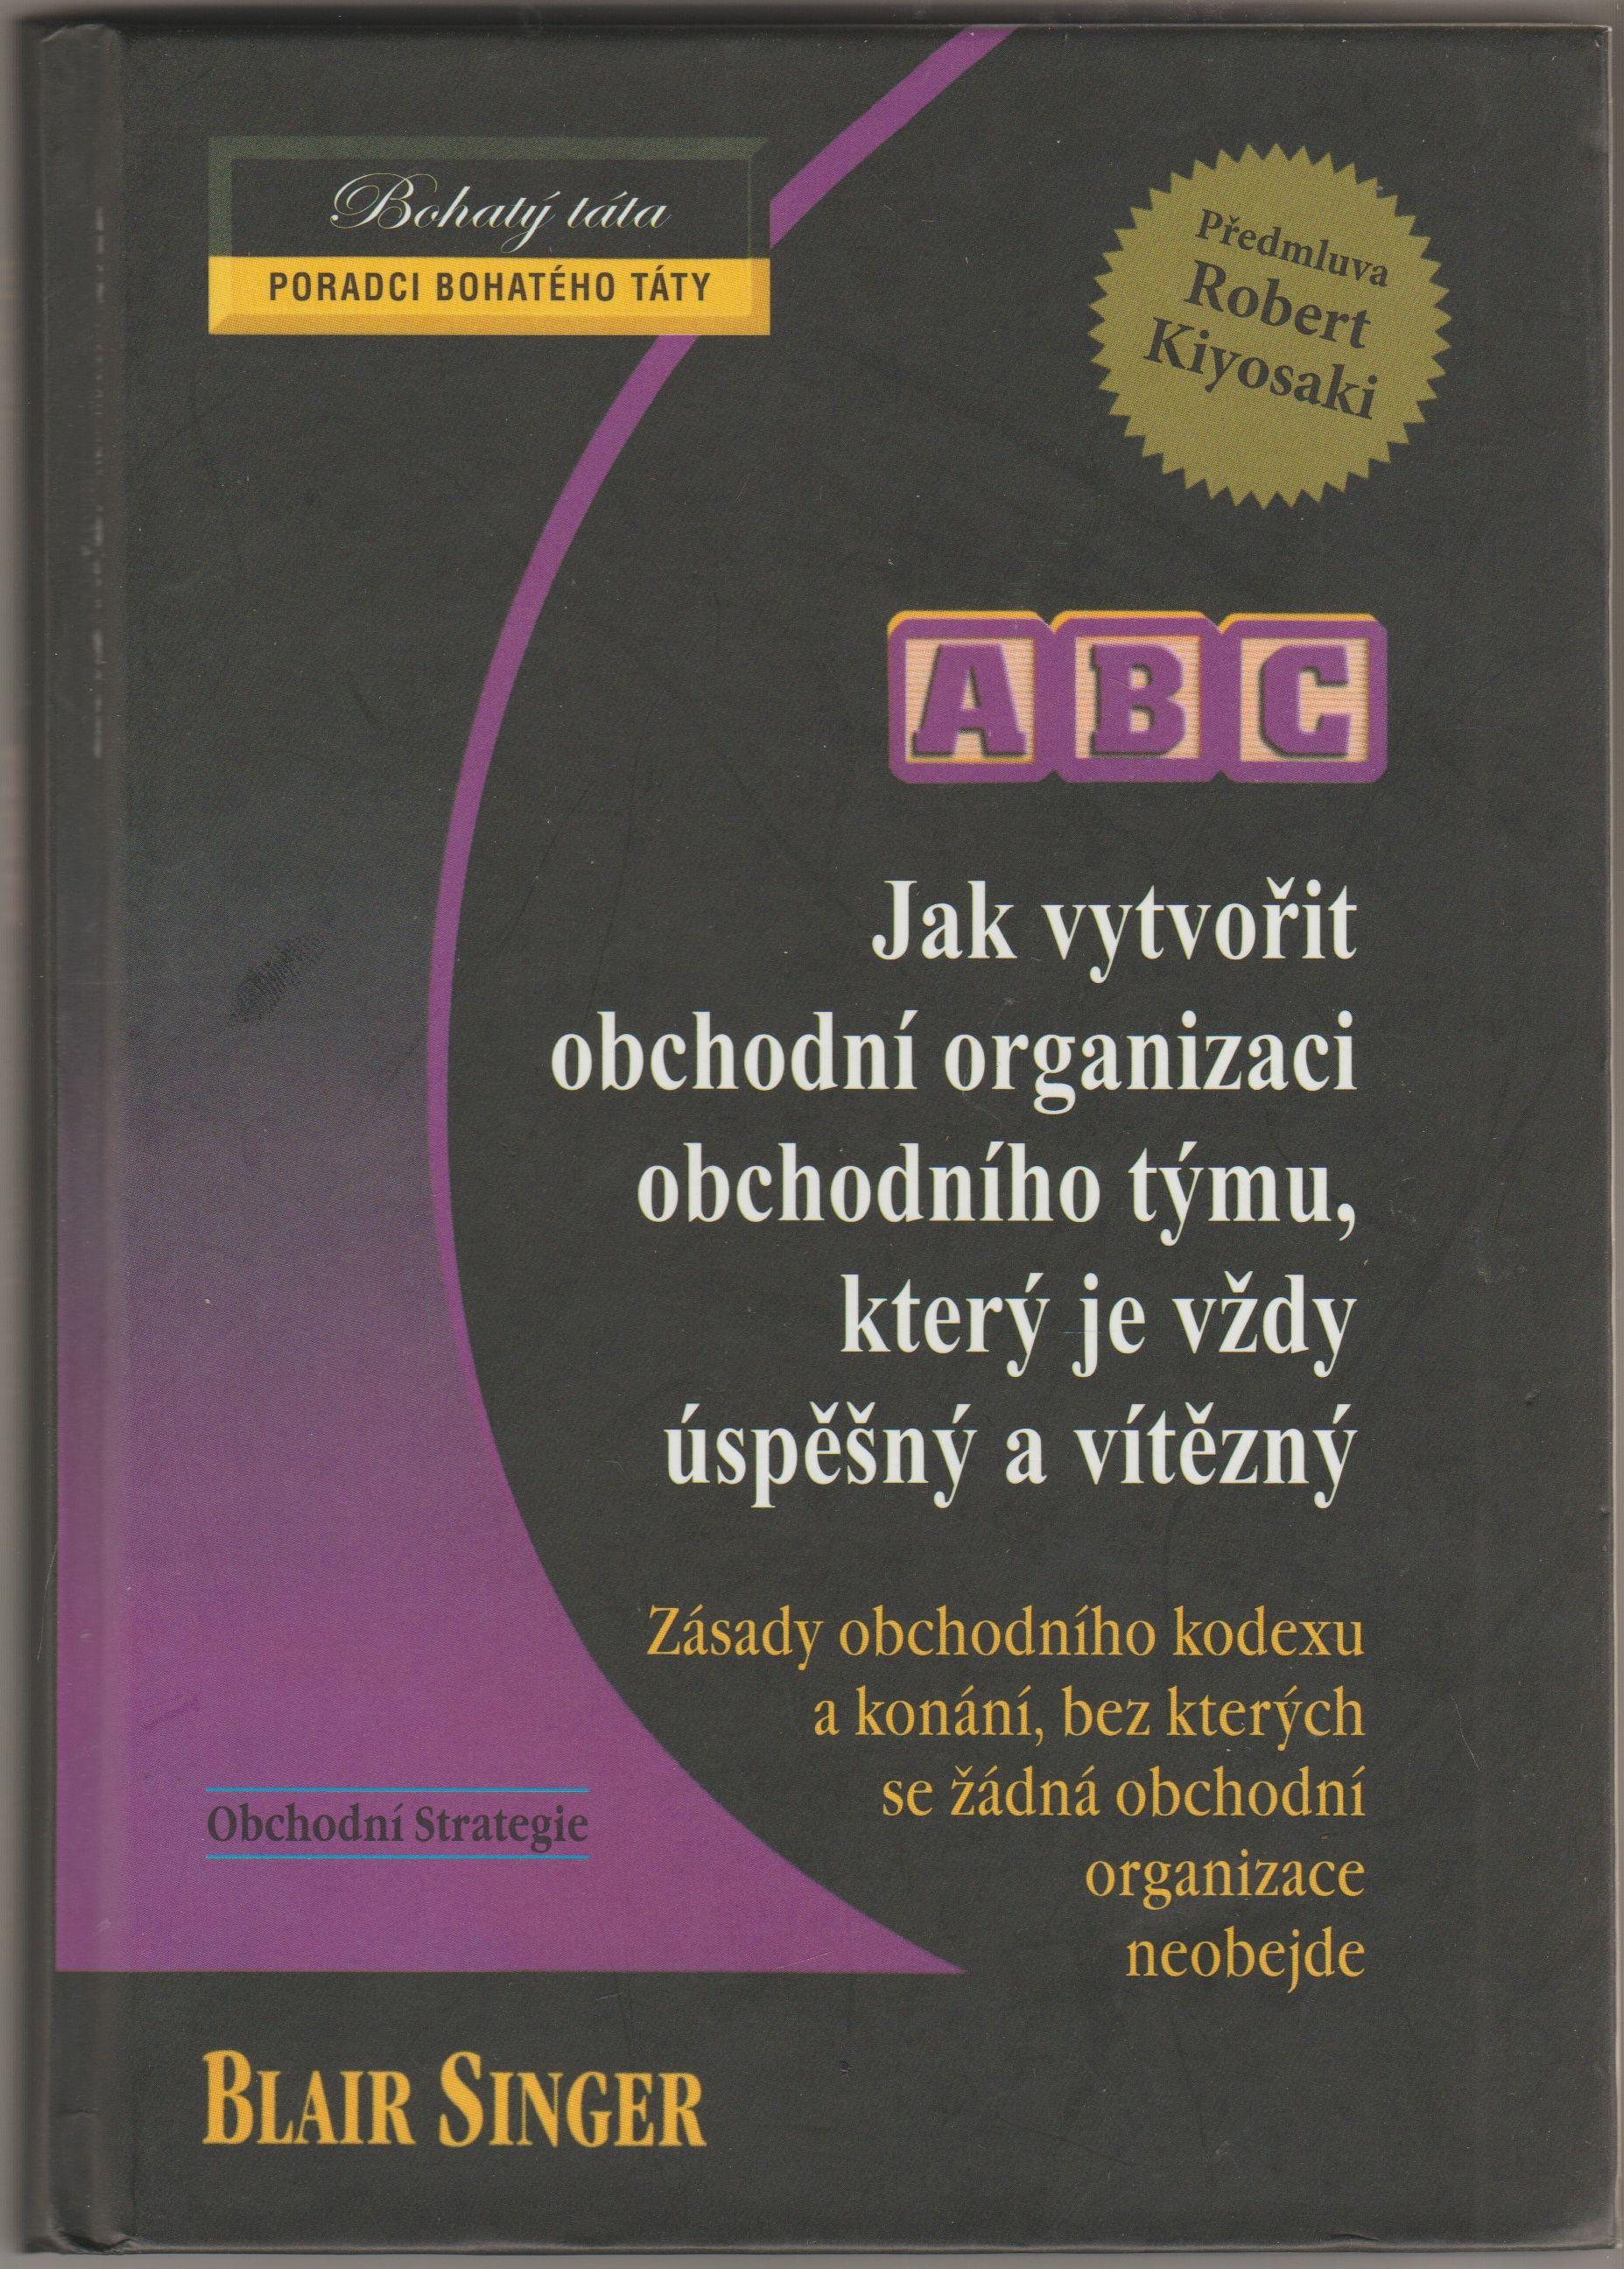 ABC - Jak vytvořit obchodní organizaci obchodního týmu, který je vždy úspěšný...